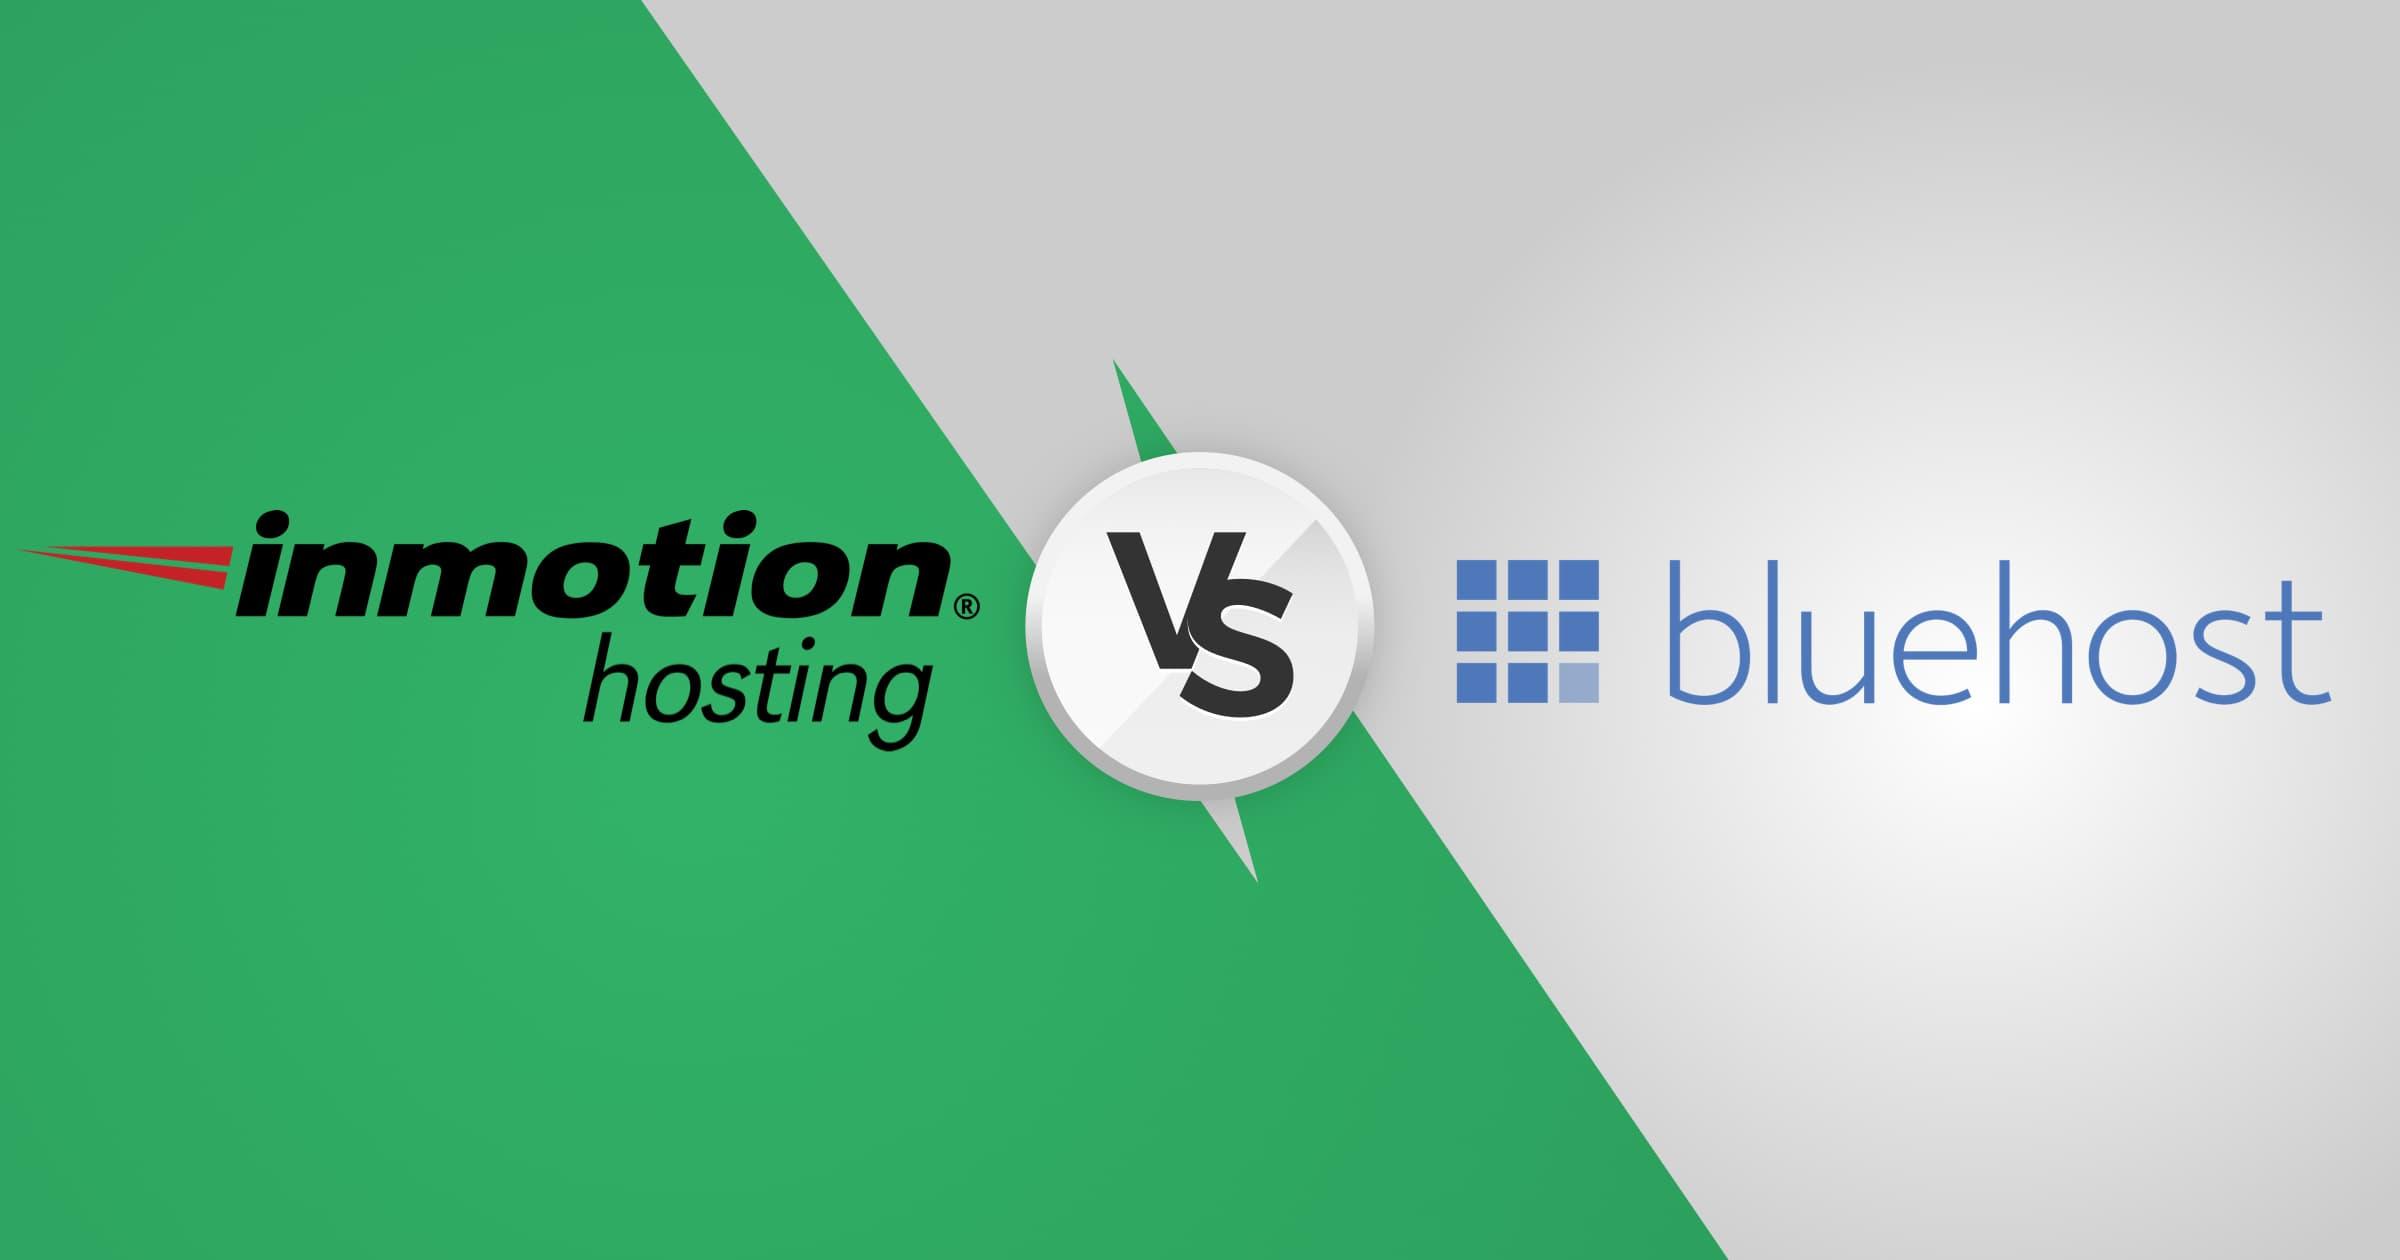 InMotion Hosting vs Bluehost Comparación 2020: ¿Cuál es mejor?